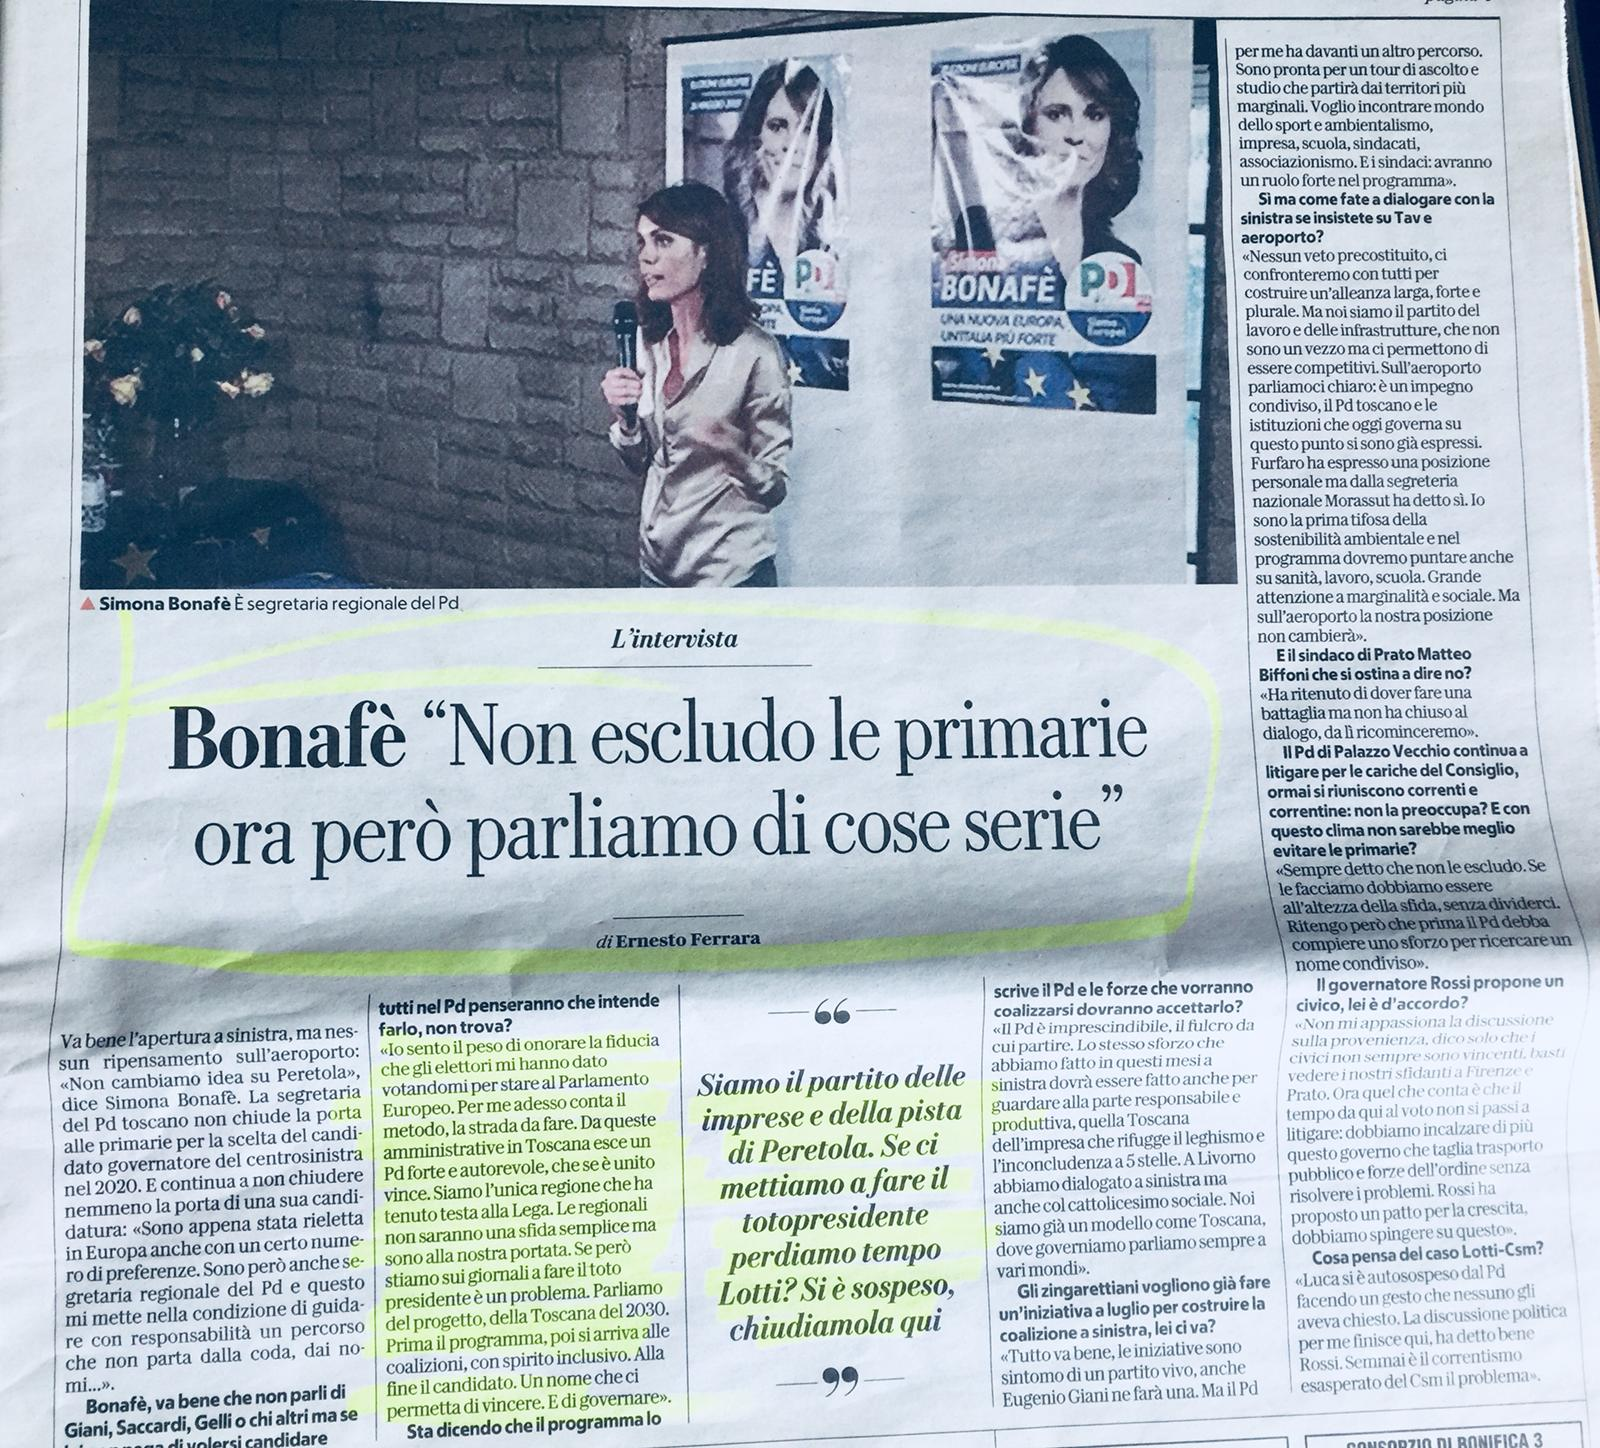 Bonafè intervista Respubblica risponde Fabiani